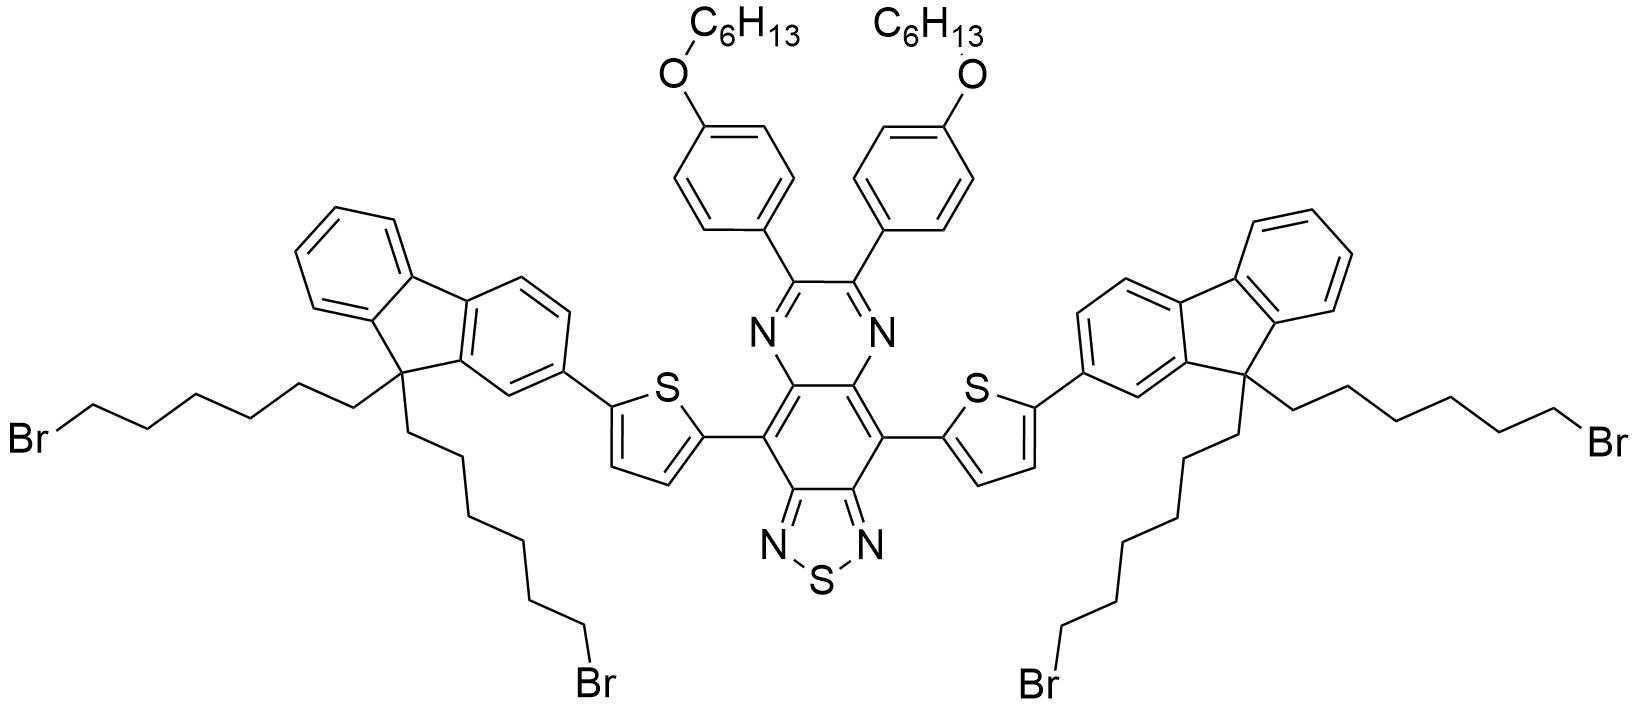 4,9-Bis(5-(9,9-bis(6-bromohexyl)-9H-fluoren-2-yl)thiophen-2-yl)-6,7-bis(4-(hexyloxy)phenyl)-[1,2,5]thiadiazolo[3,4-g]quinoxaline